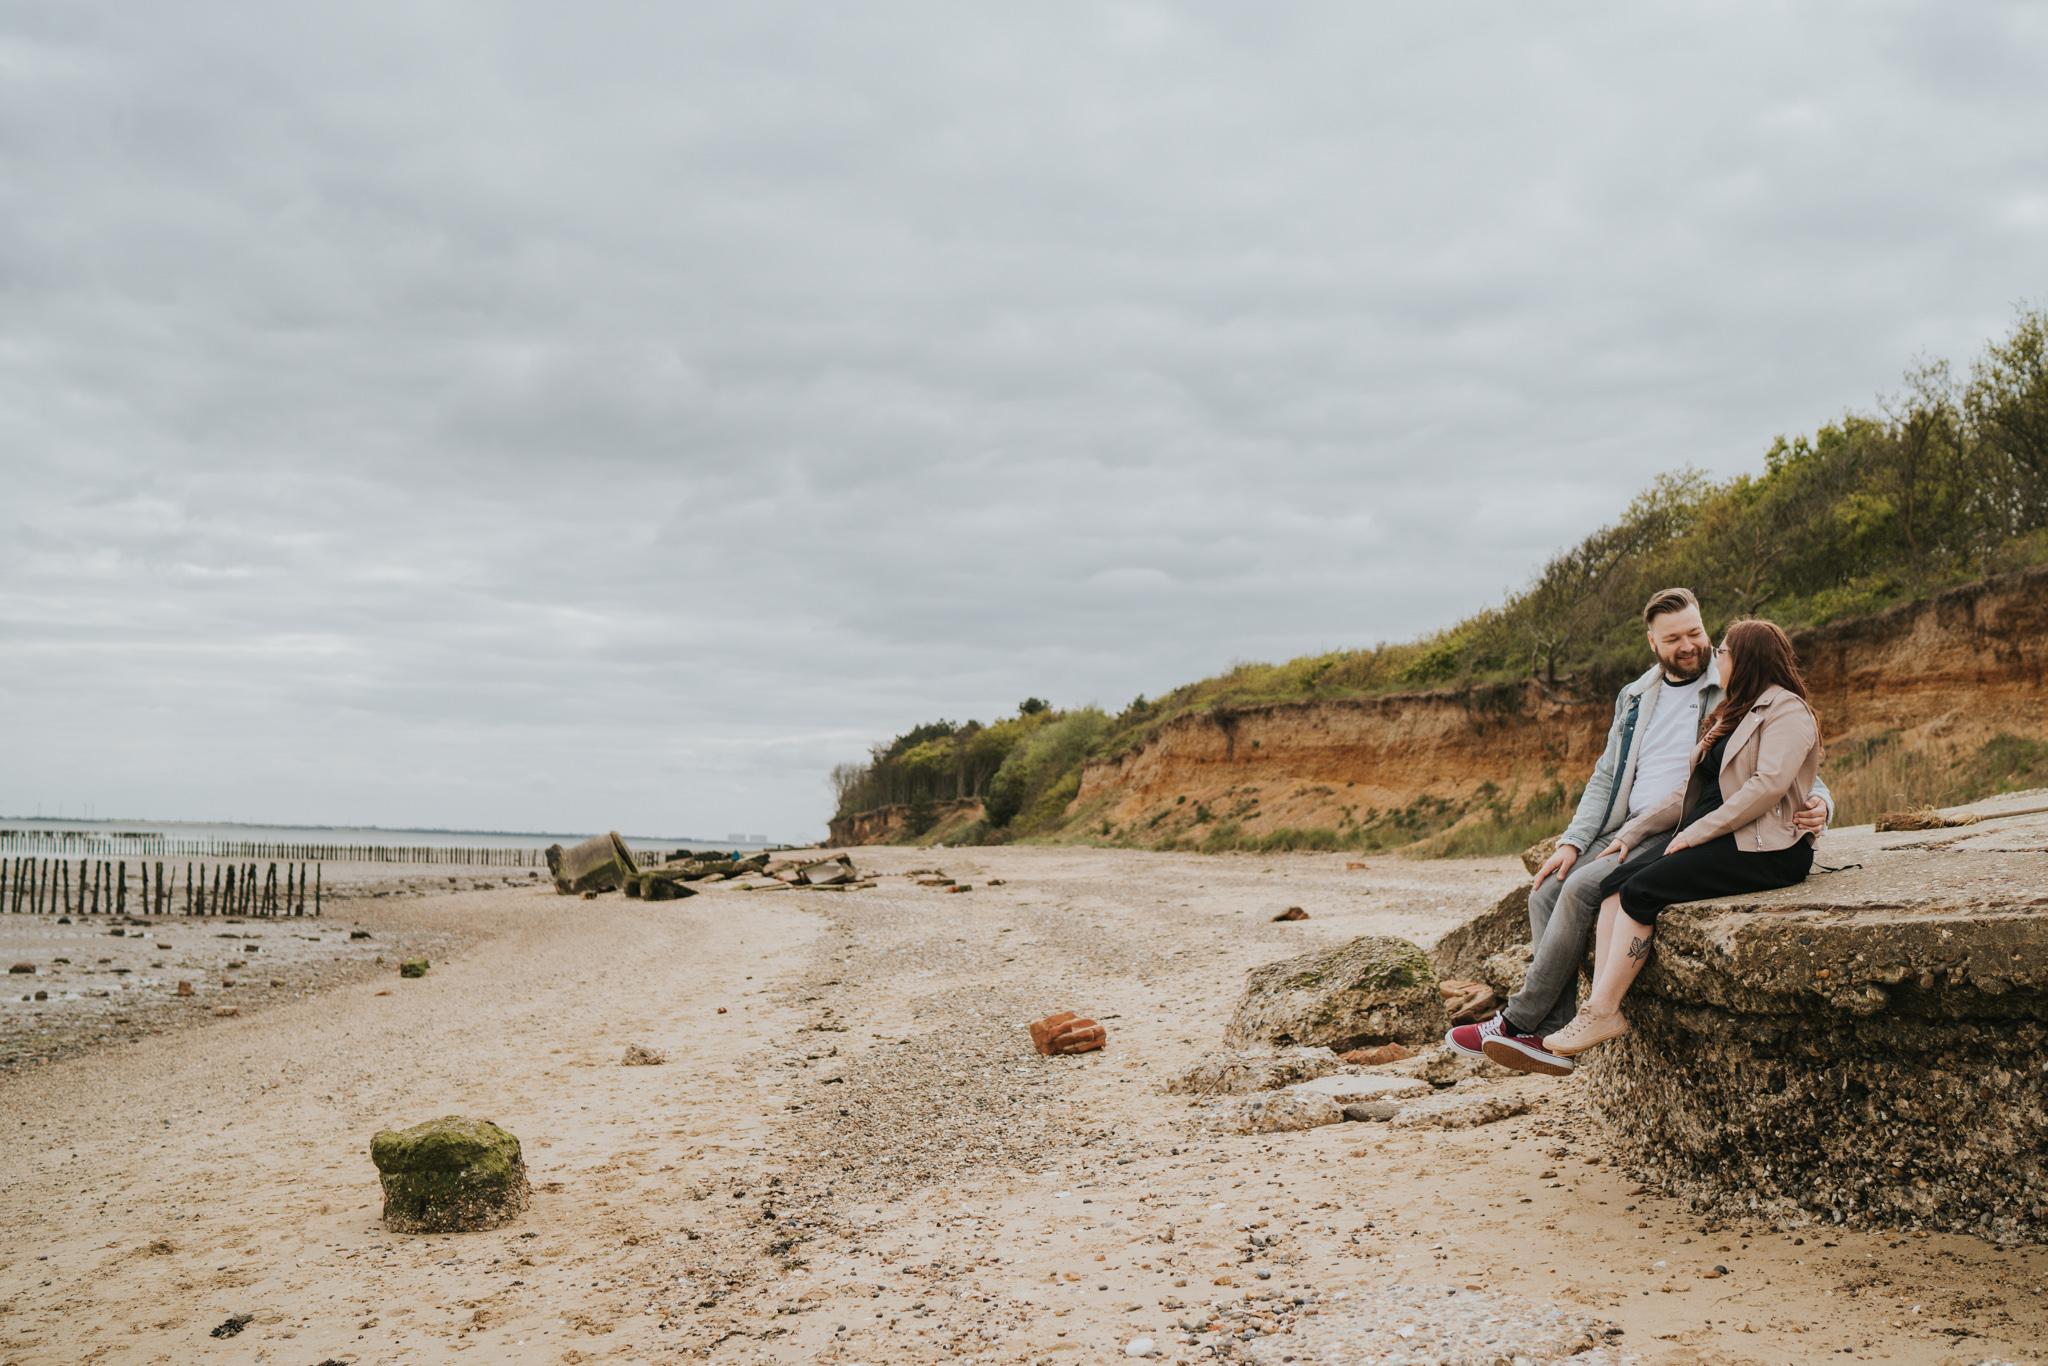 katrina-jim-cudmore-grove-beach-couple-engagement-session-grace-elizabeth-colchester-essex-alternative-wedding-lifestyle-photographer-essex-suffolk-norfolk-devon (42 of 47).jpg